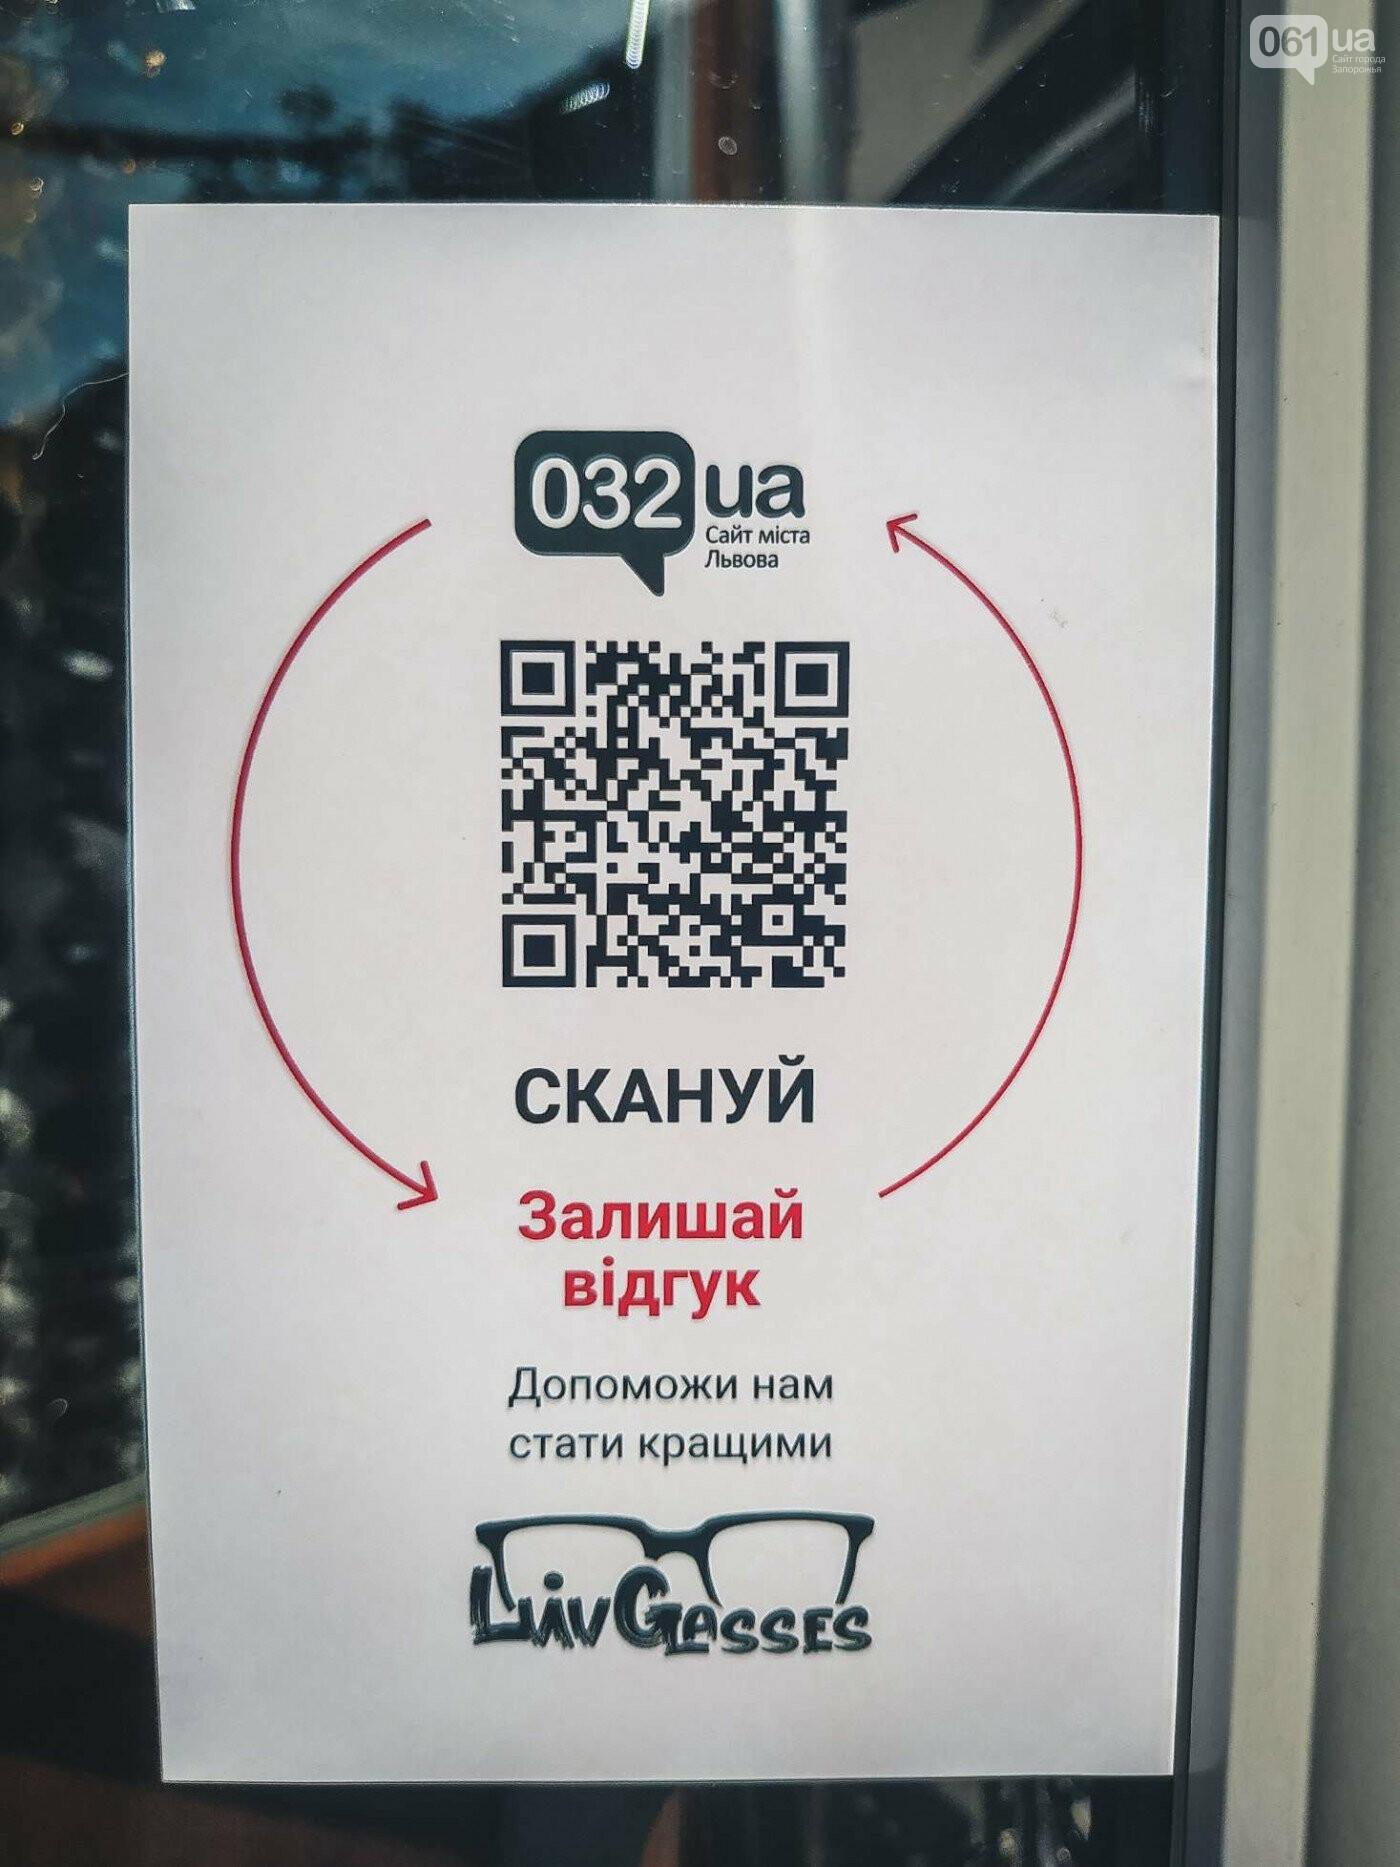 Сайт 061 запустил новую услугу – QR-ревизор: как это работает, фото-11